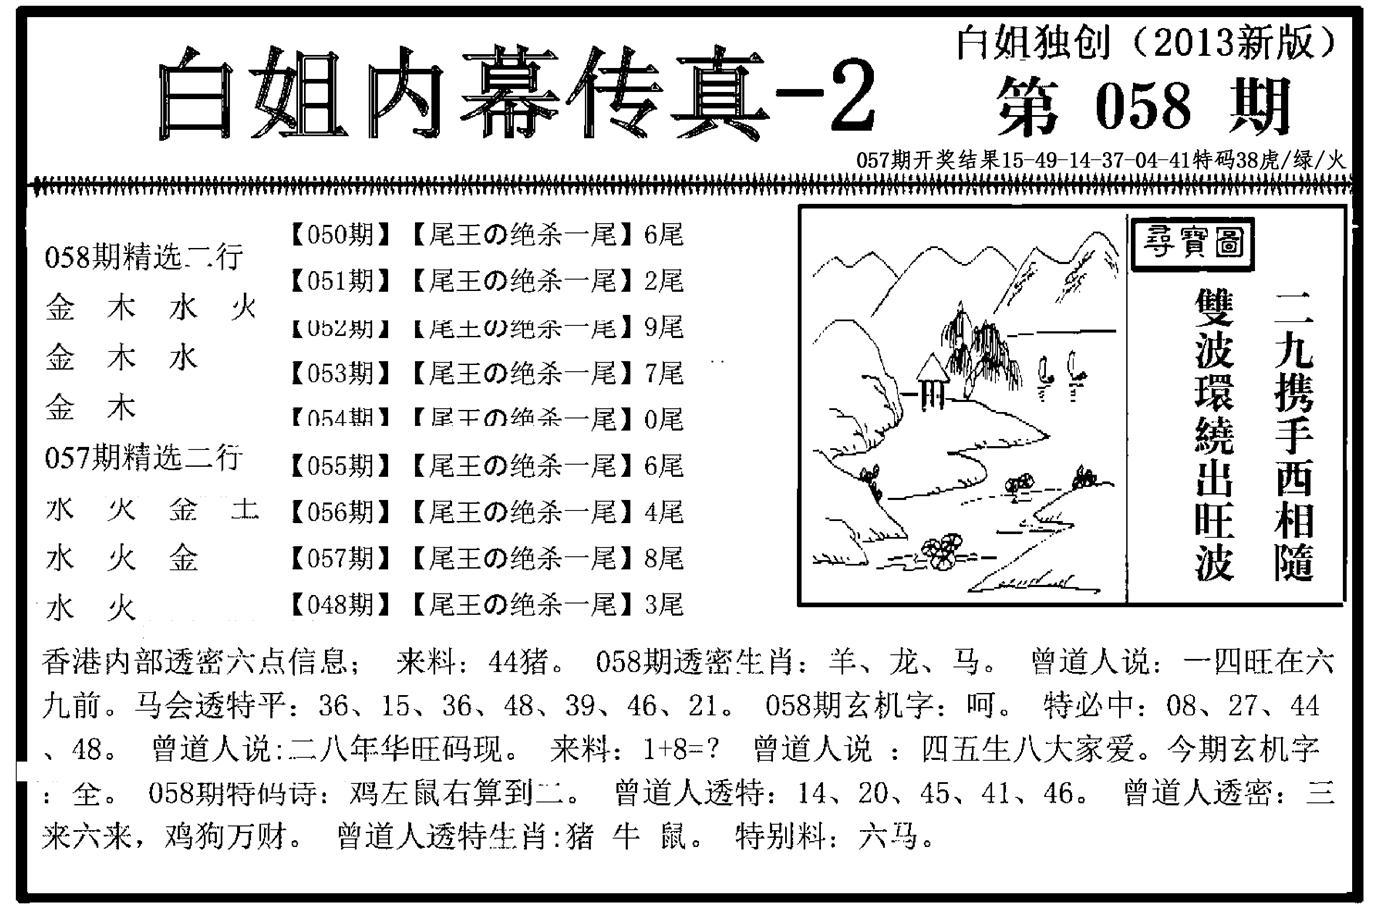 058期白姐内幕传真-2(黑白)